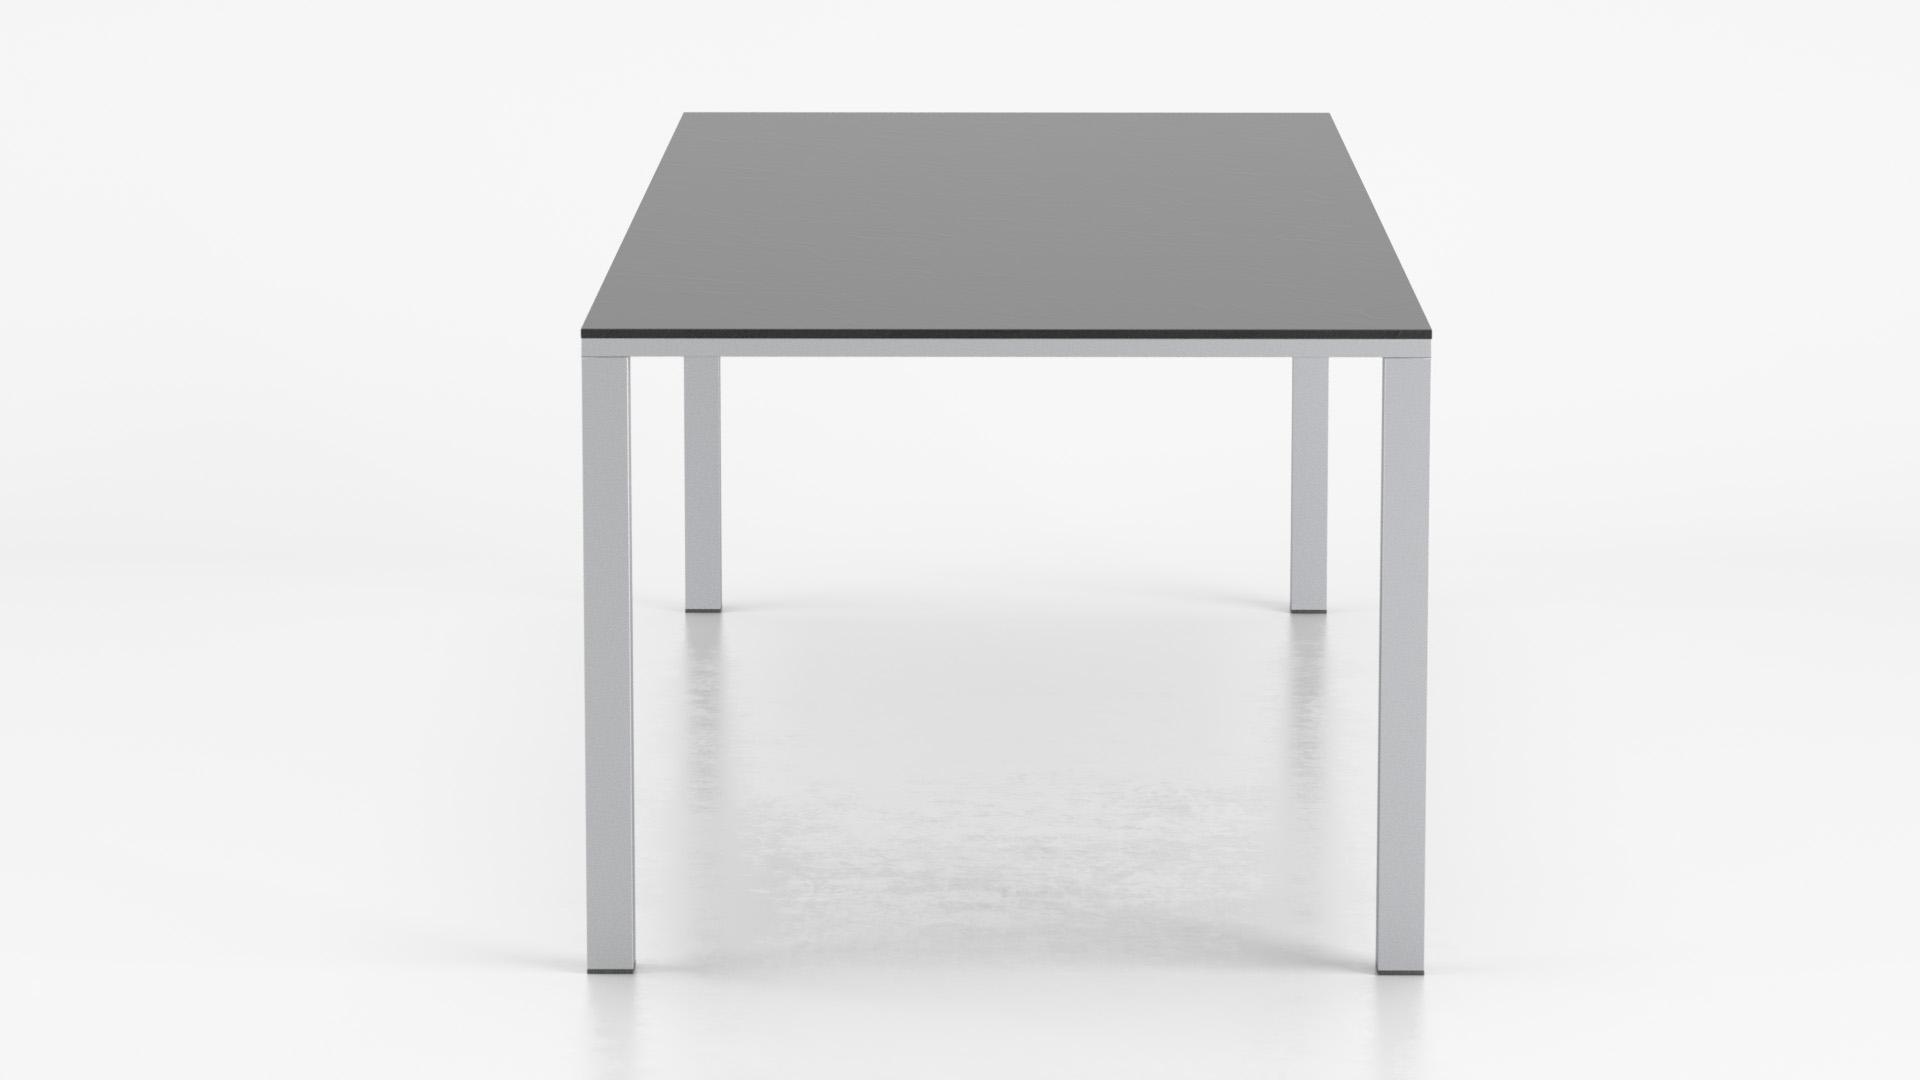 Tribu_Essentiel_Table_WhiteSet_01_0002